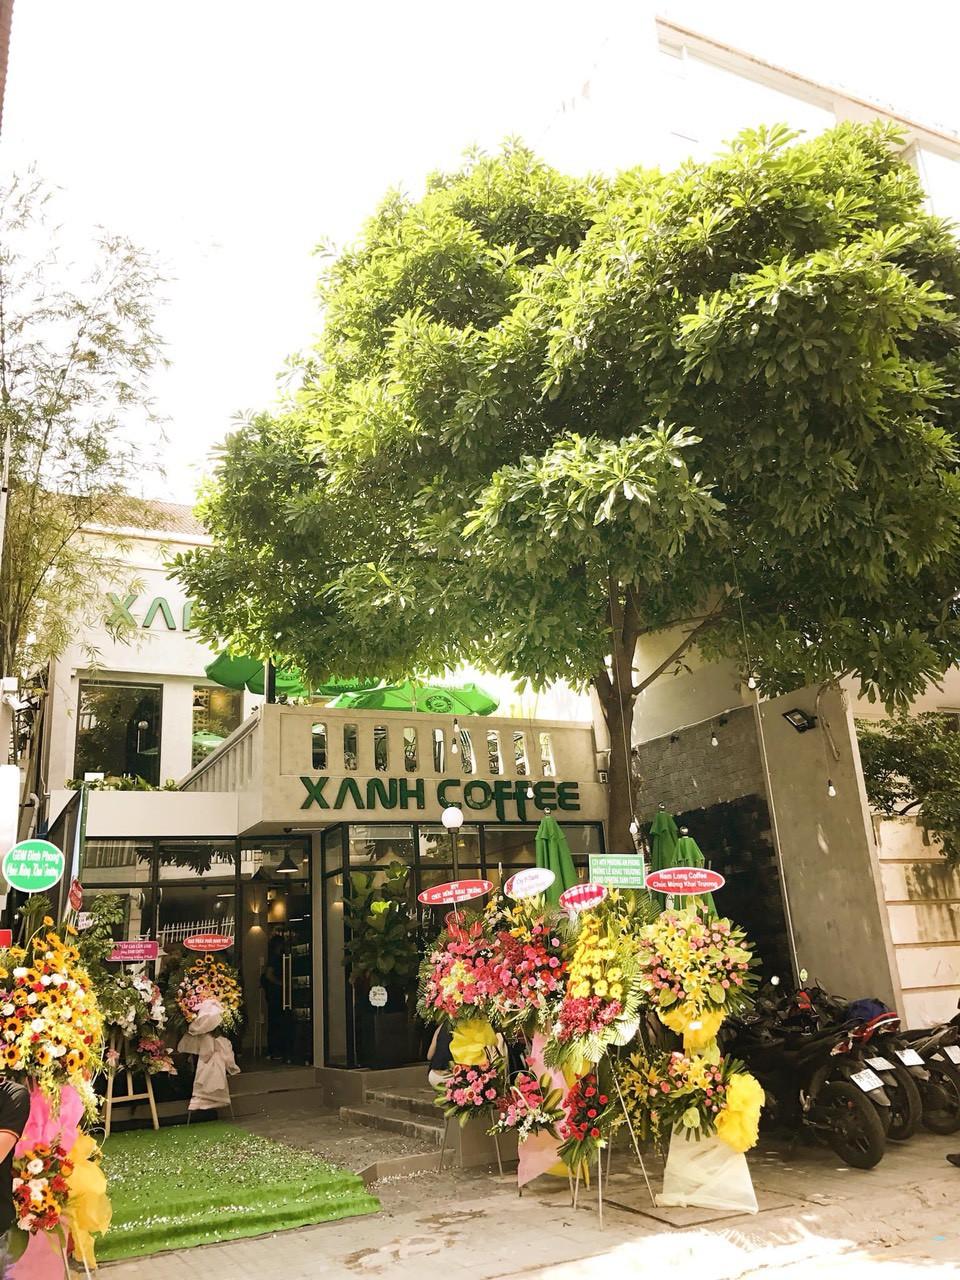 """Xanh Coffee khuấy động ở """"khu phố cà phê"""" Sài Gòn """"hút"""" nhiều nghệ sĩ Việt - Ảnh 1."""